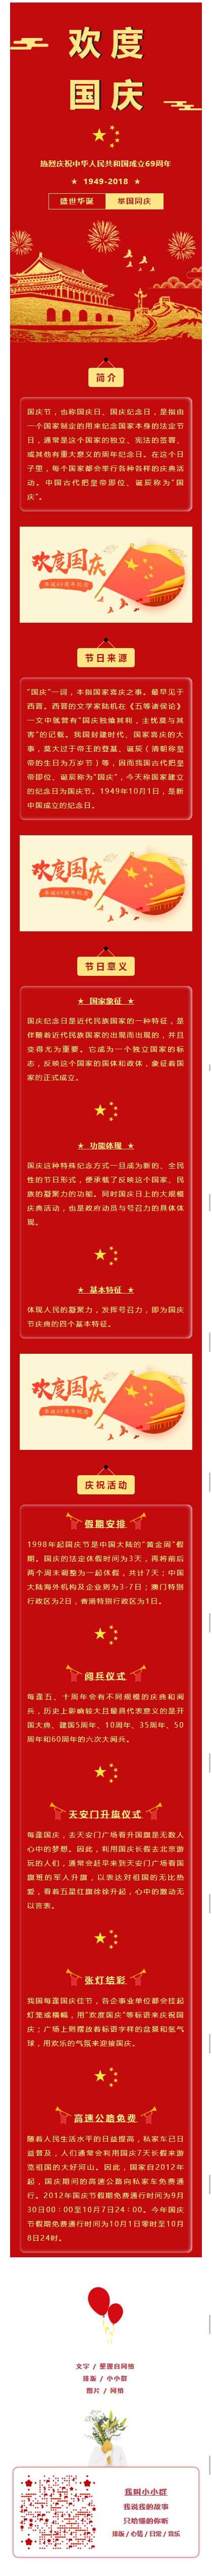 国庆节十一黄金周党政风格红色文章模板微信公众号推文